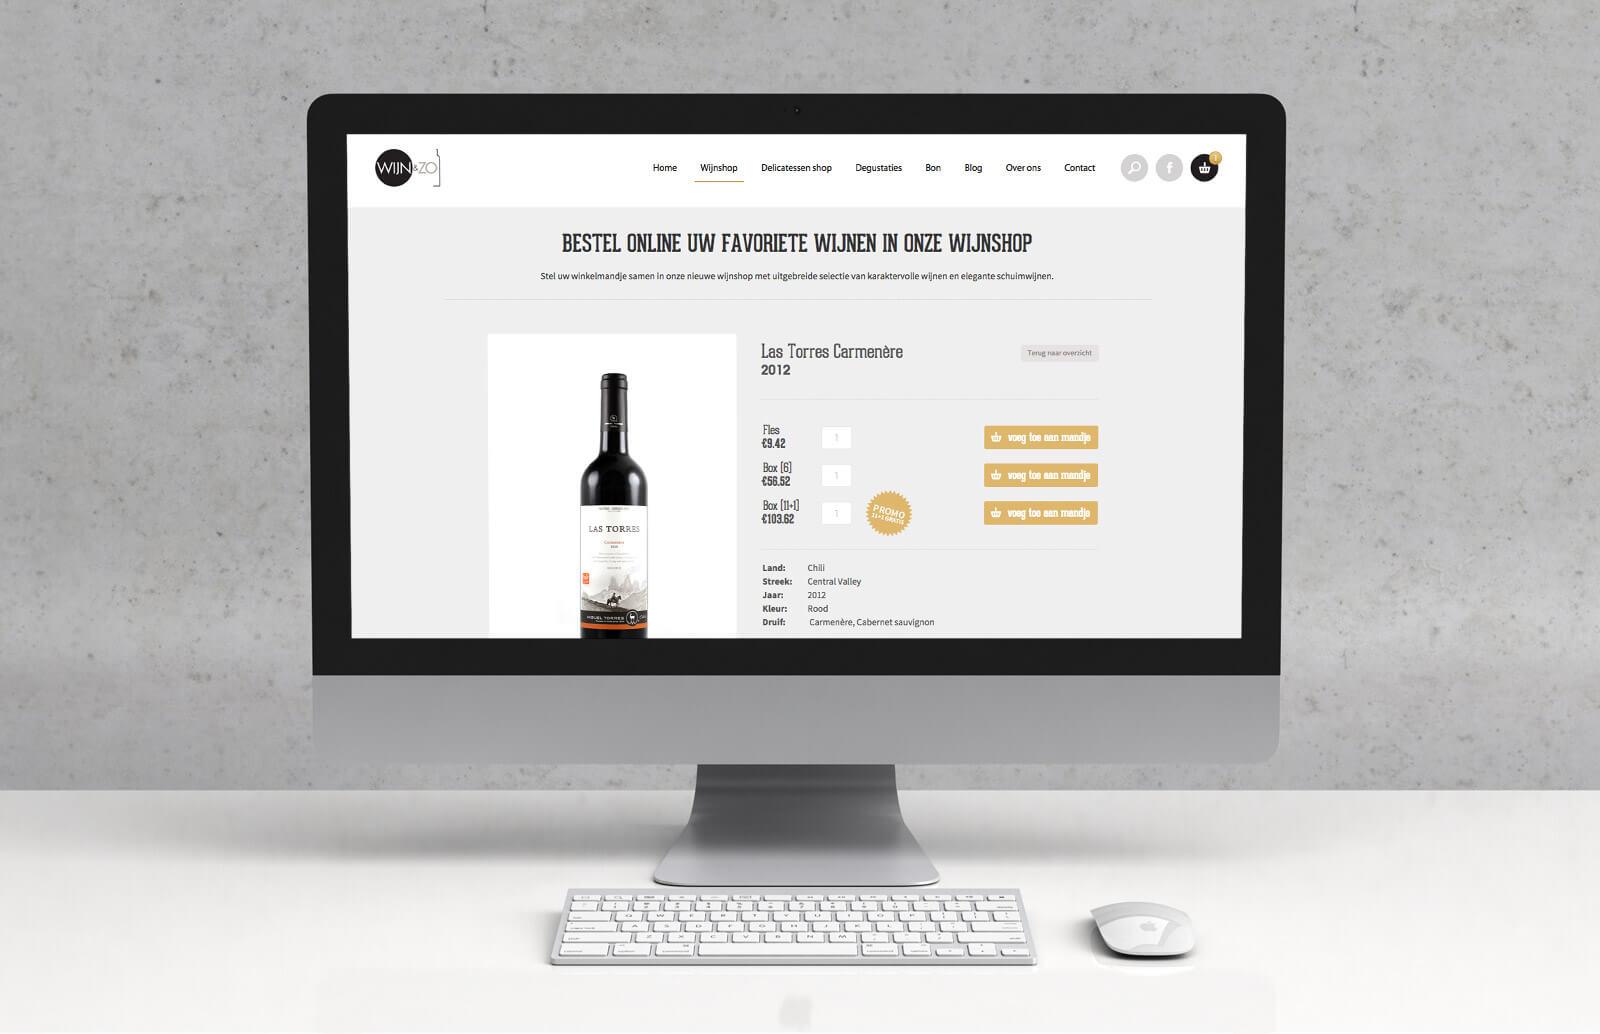 Webdesign Wijnenzo - Webdesign Weblounge Brugge